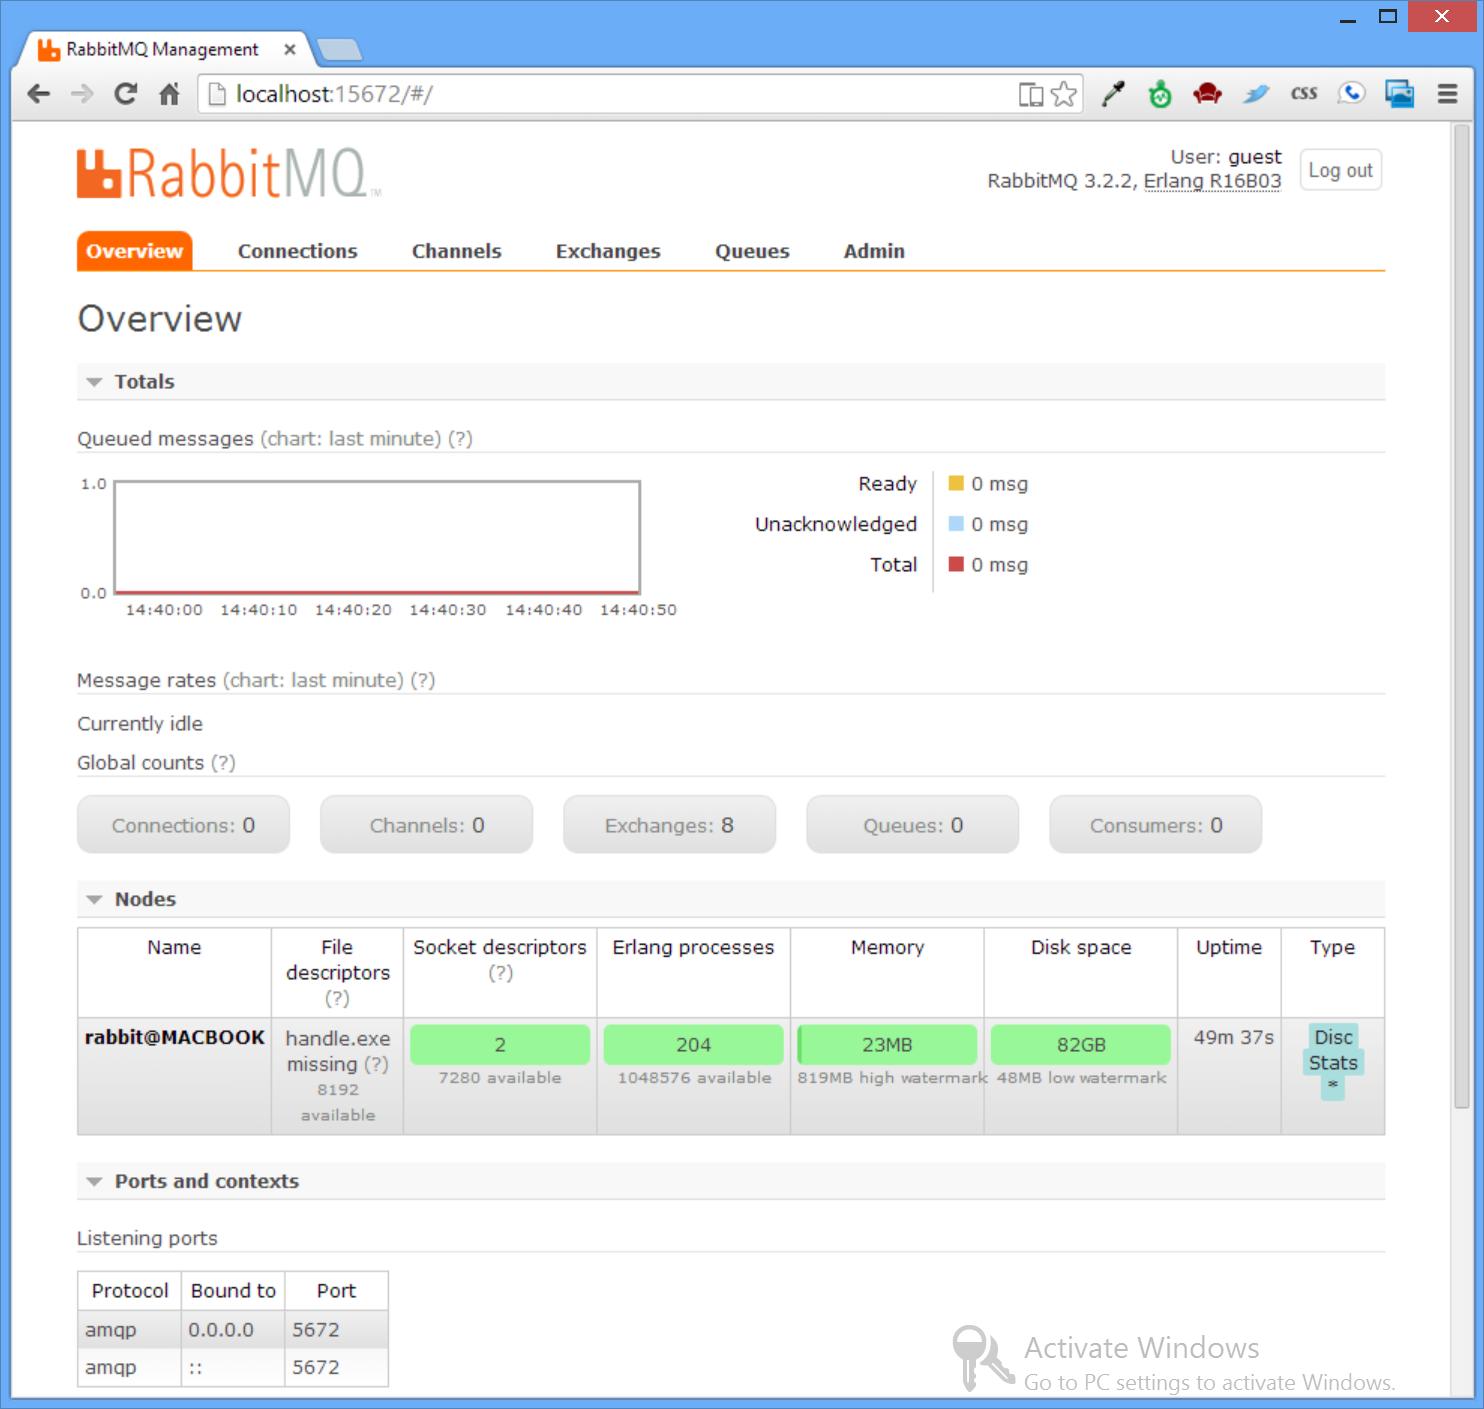 RabbitMQ Management UI